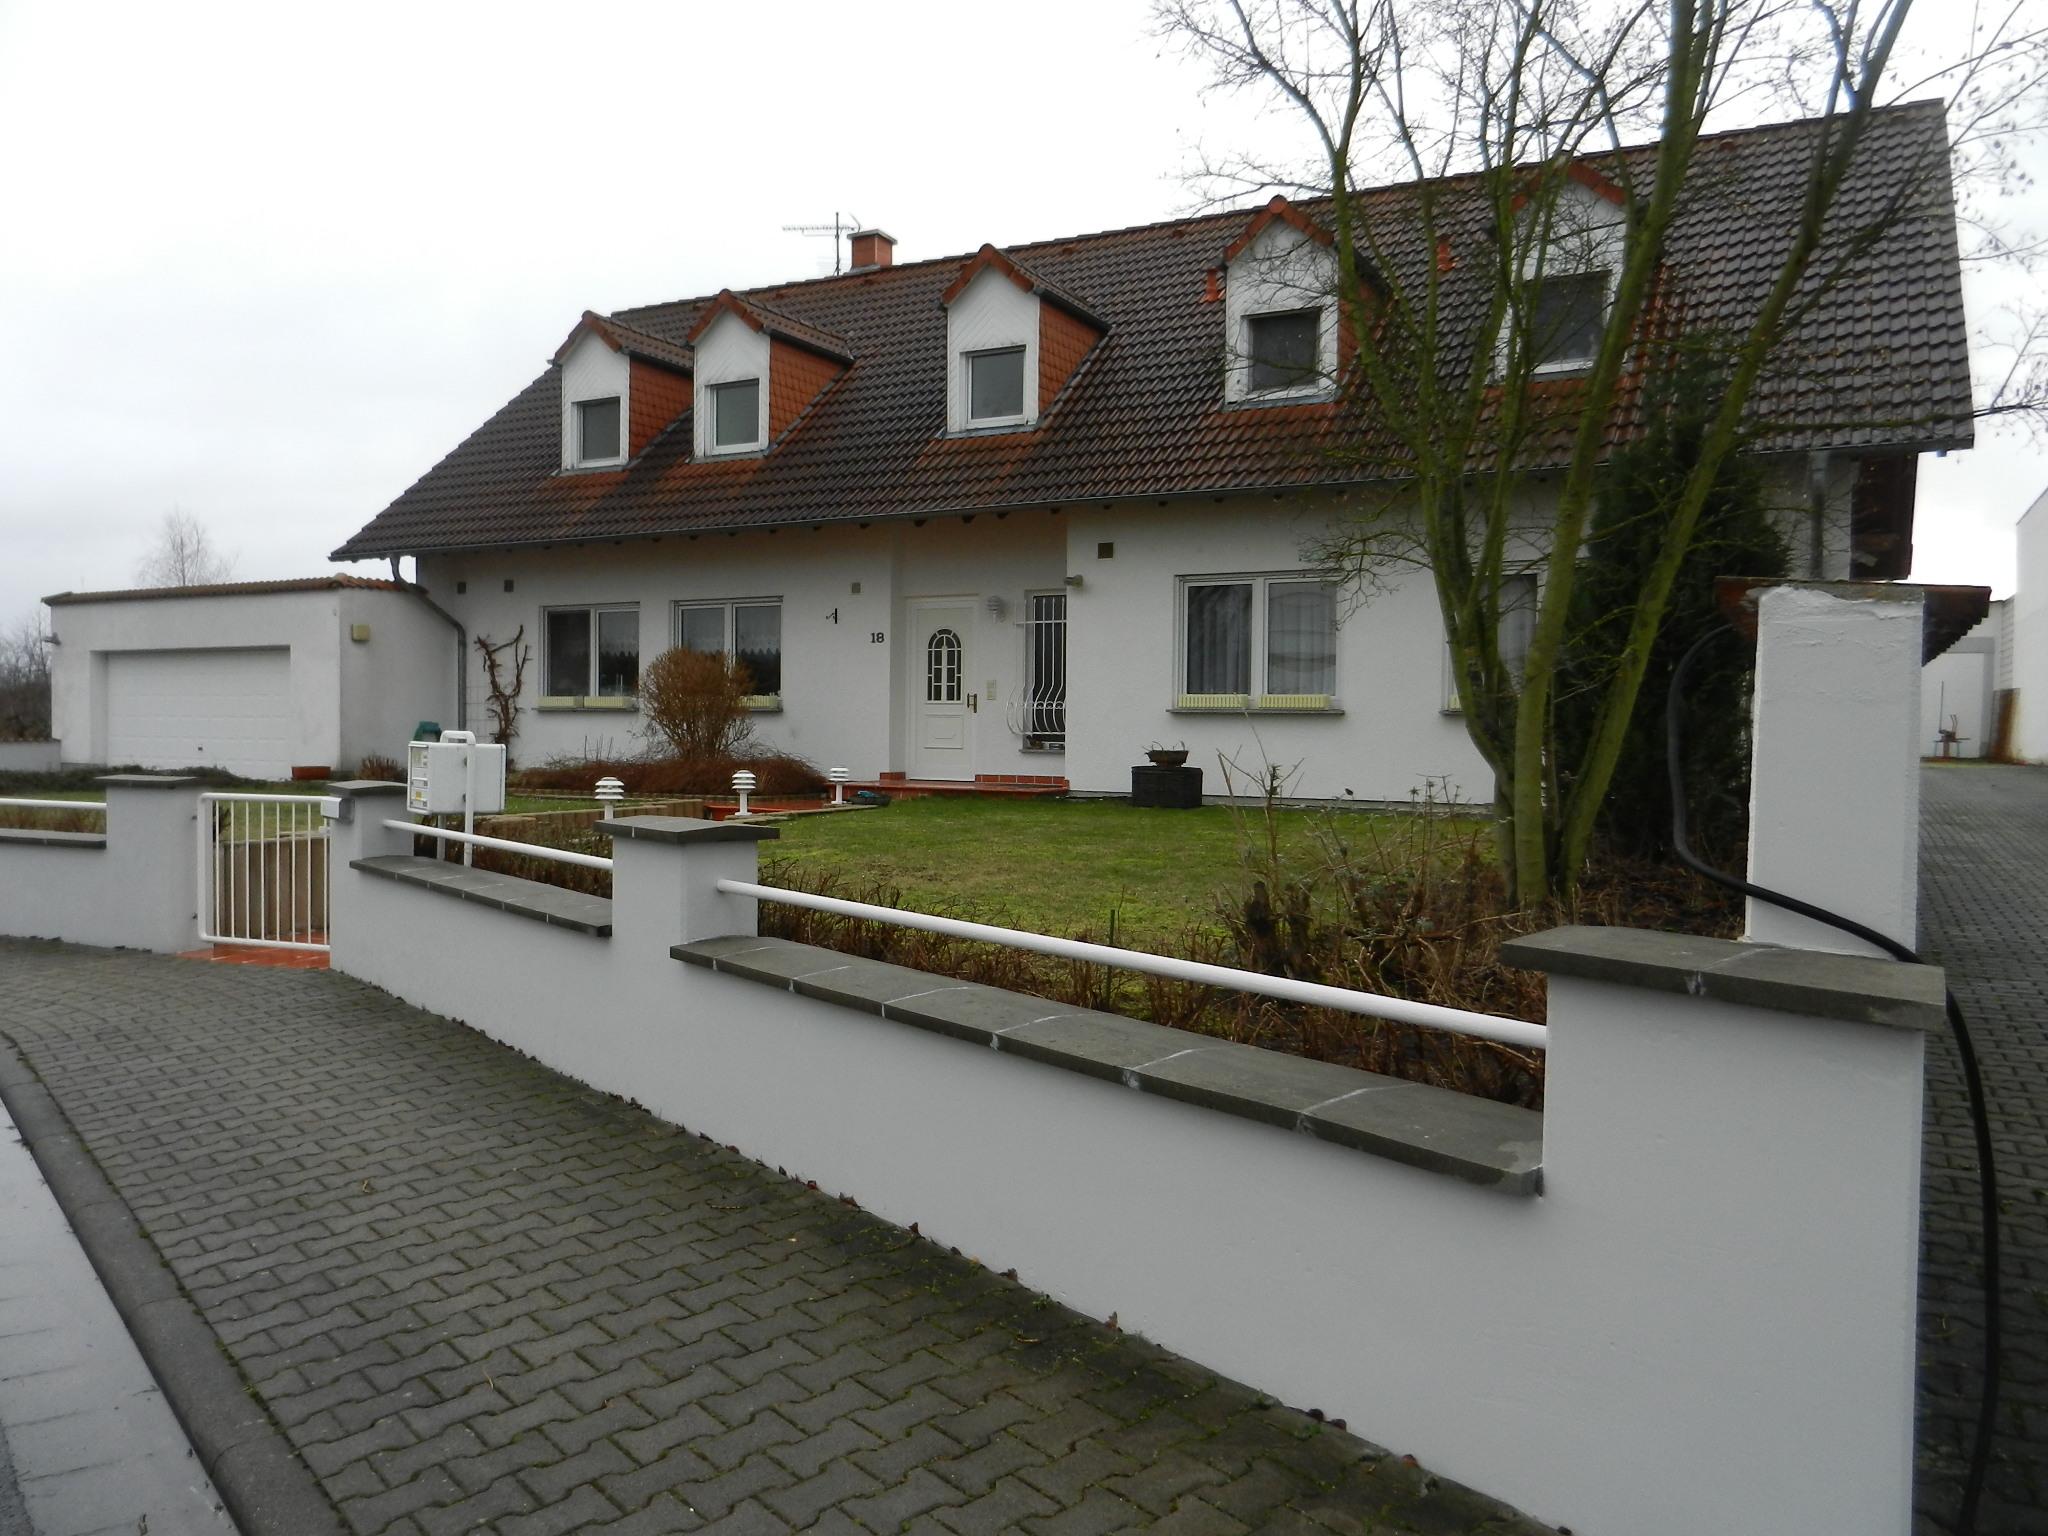 Wohn- und Gewerbeobjekt in Ingelheim